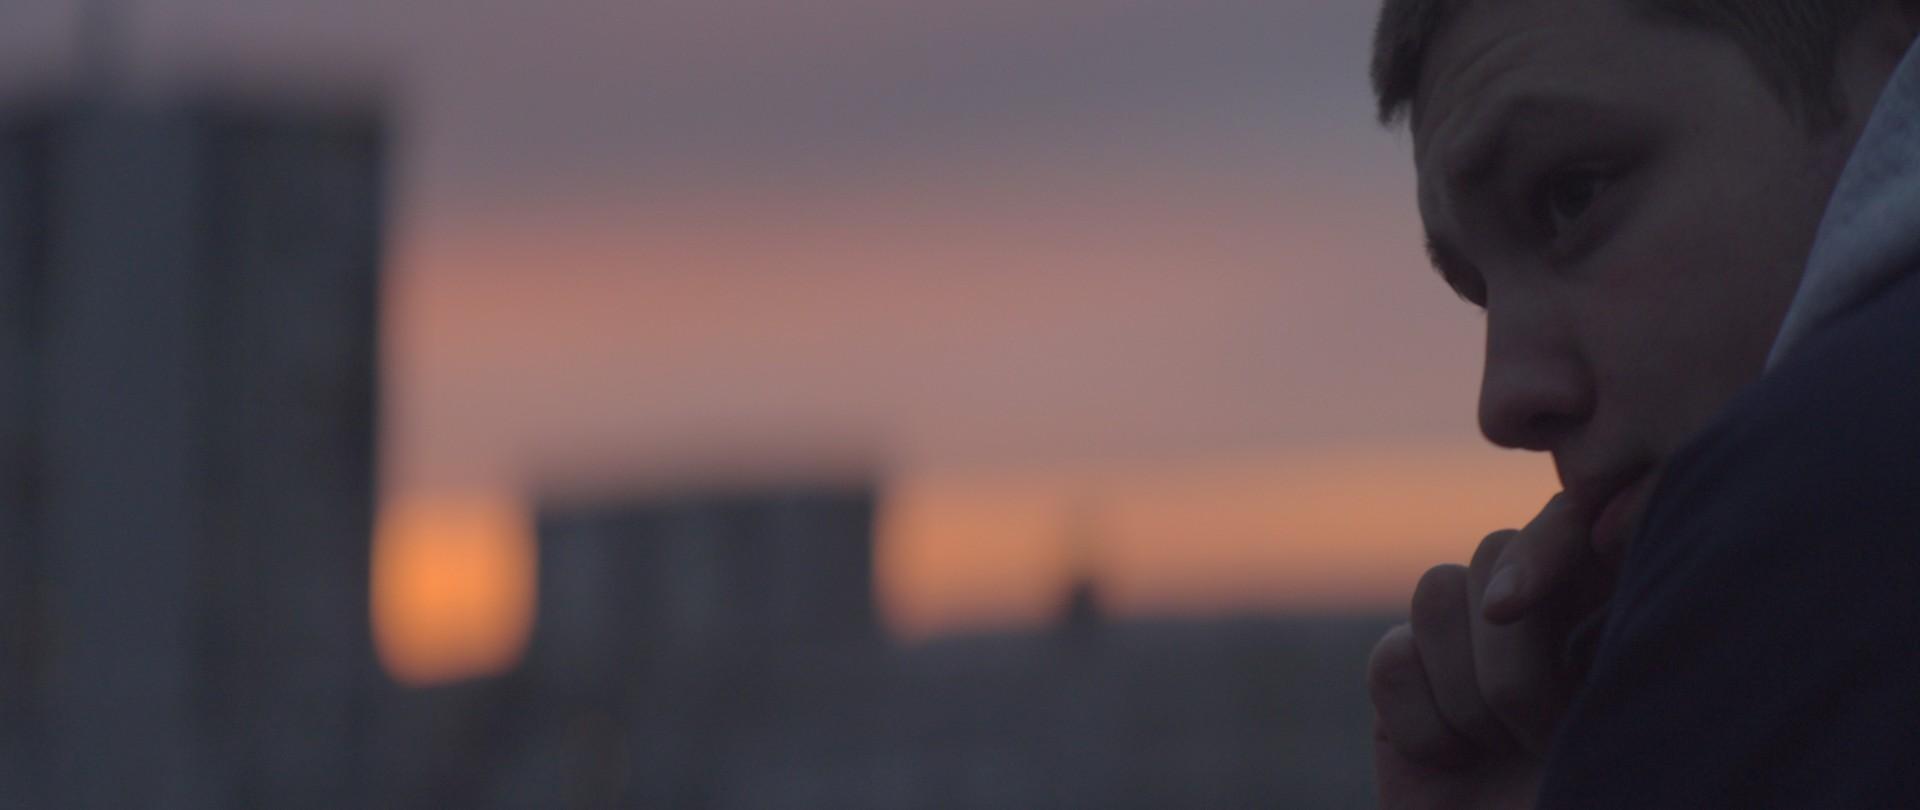 SHOGUN_S001_S001_T040.MOV.Image fixe002